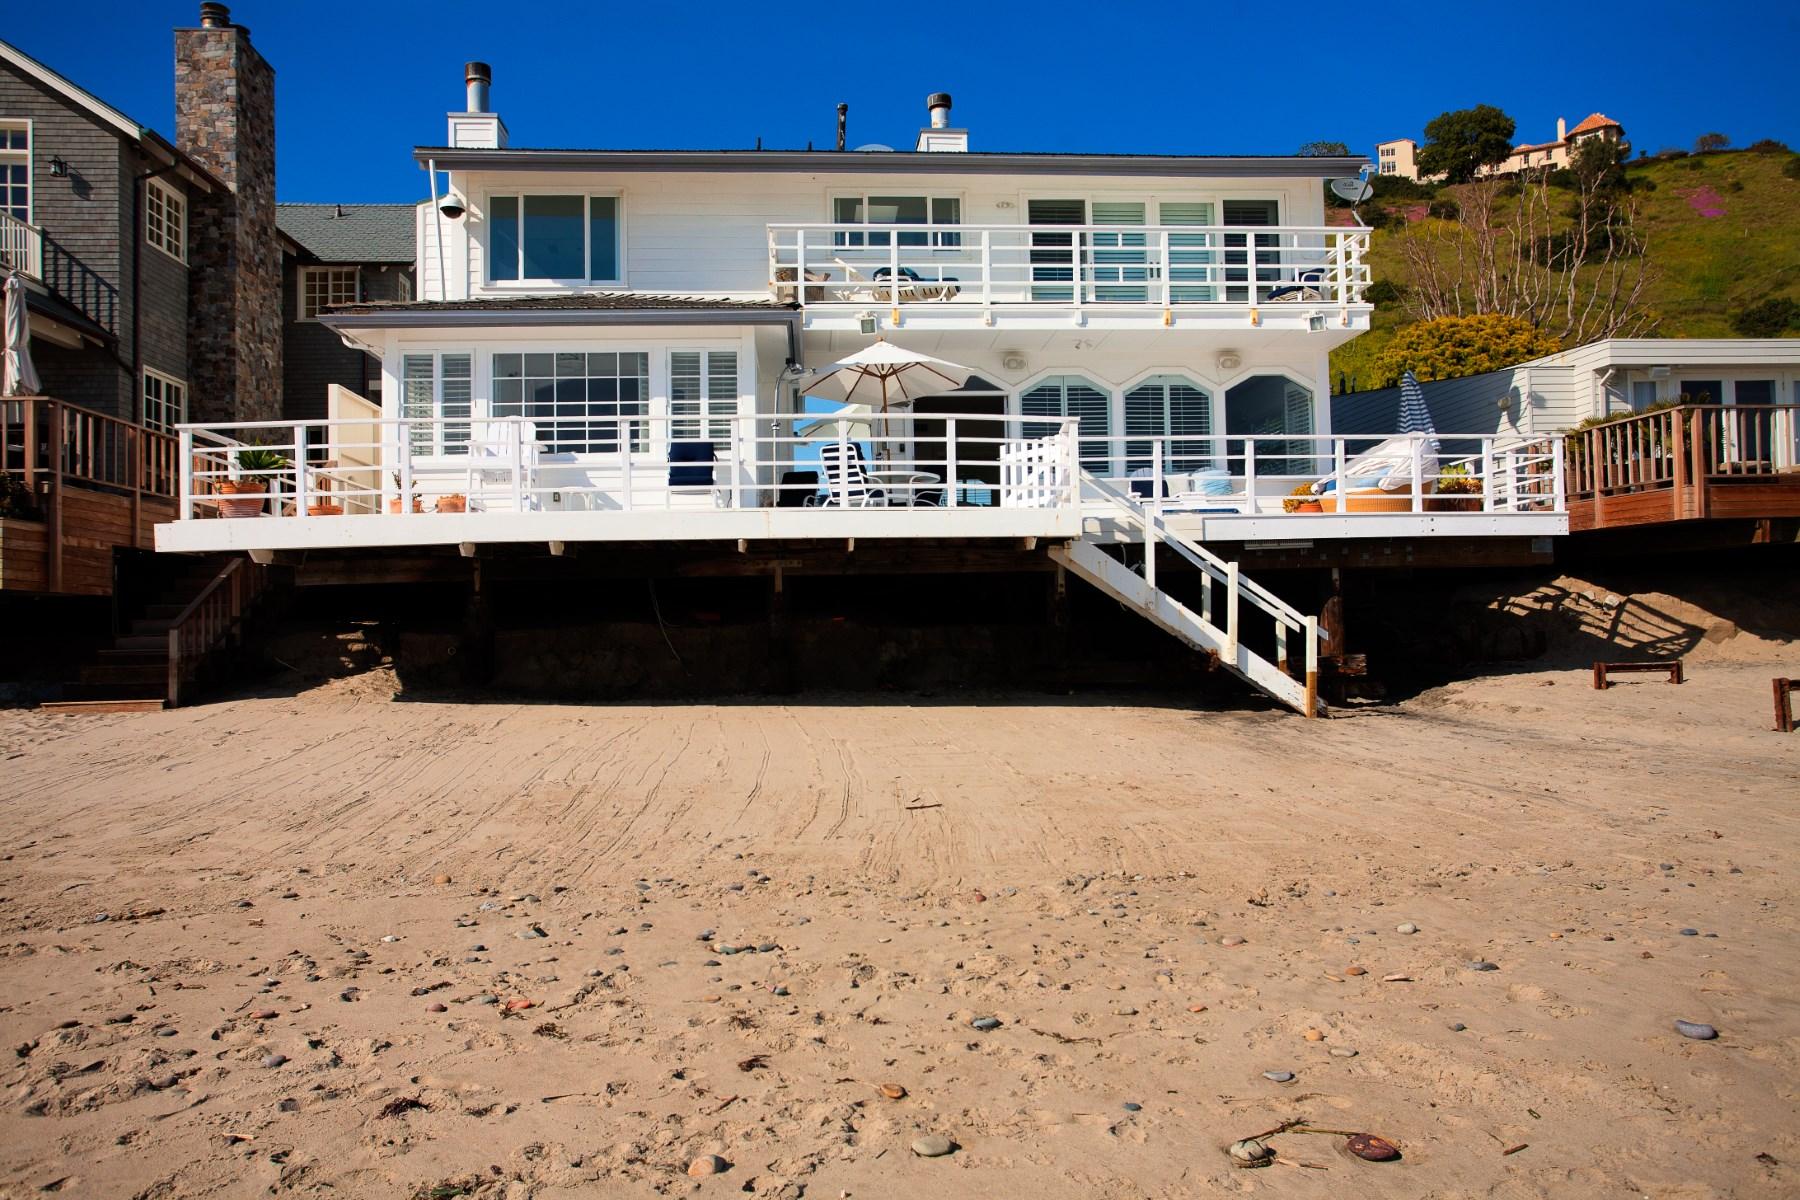 Частный односемейный дом для того Аренда на Cape Cod Style Beach home in Malibu 22202 Pacific Coast Highway Malibu, Калифорния, 90265 Соединенные Штаты